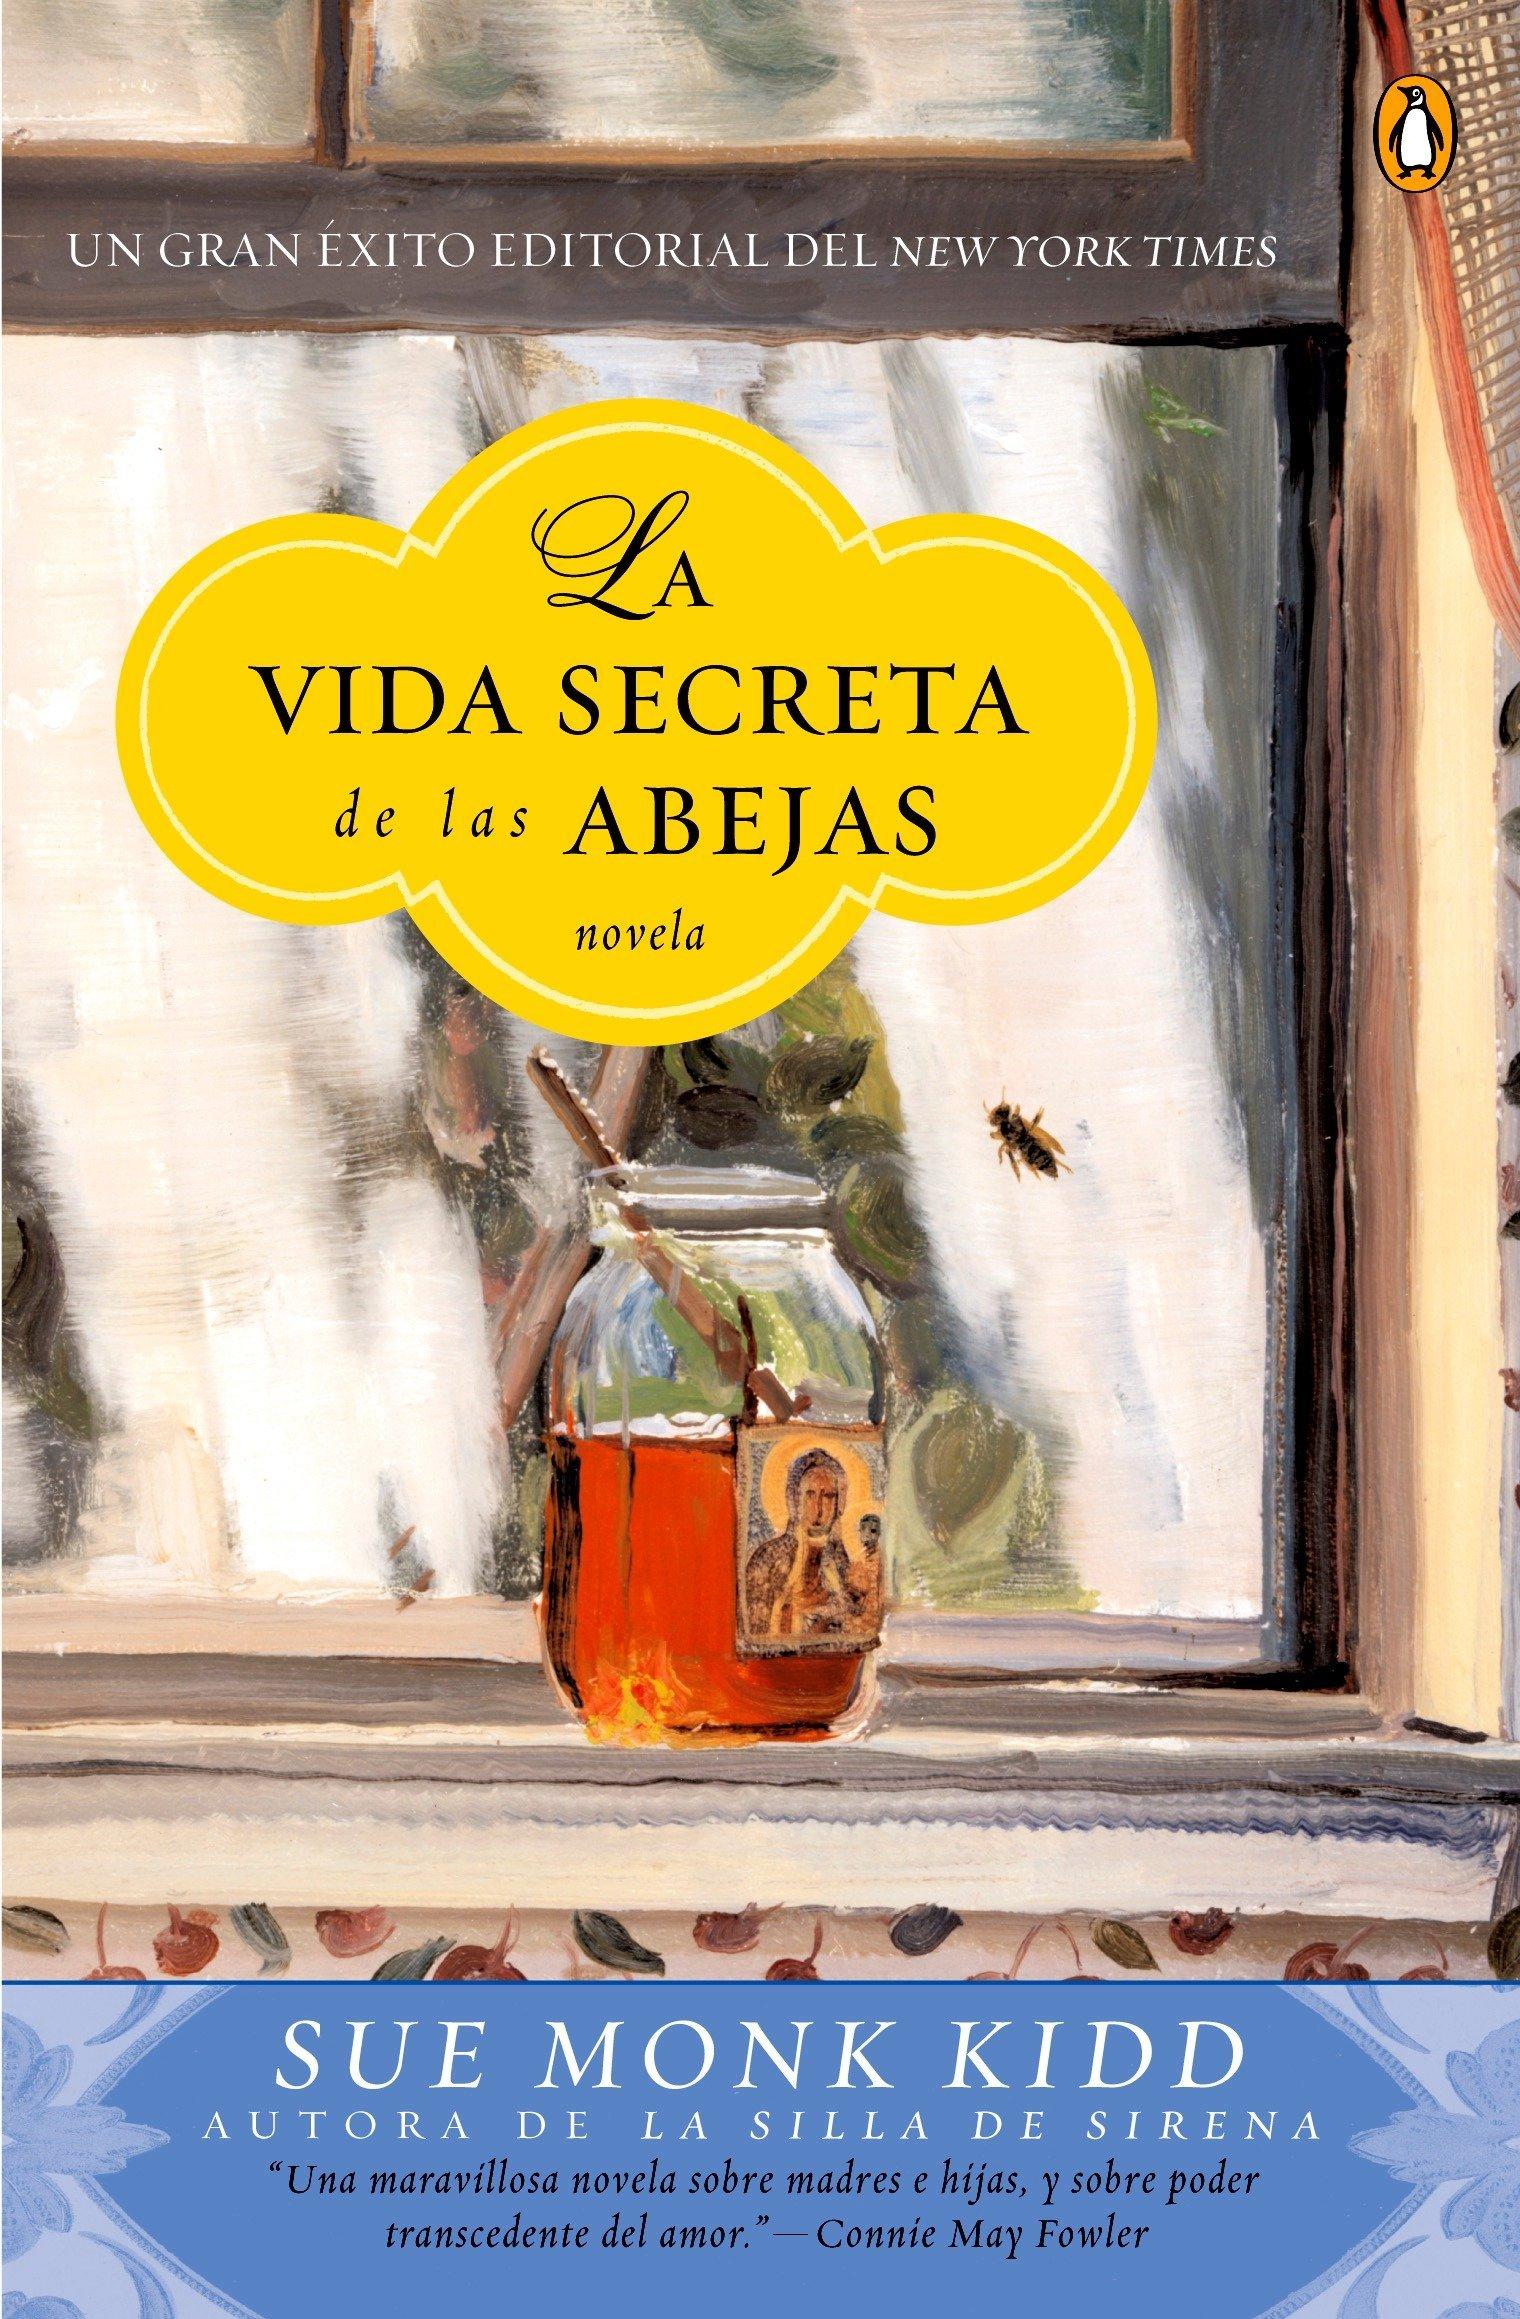 La vida secreta de las abejas (Spanish Edition) by Penguin Books